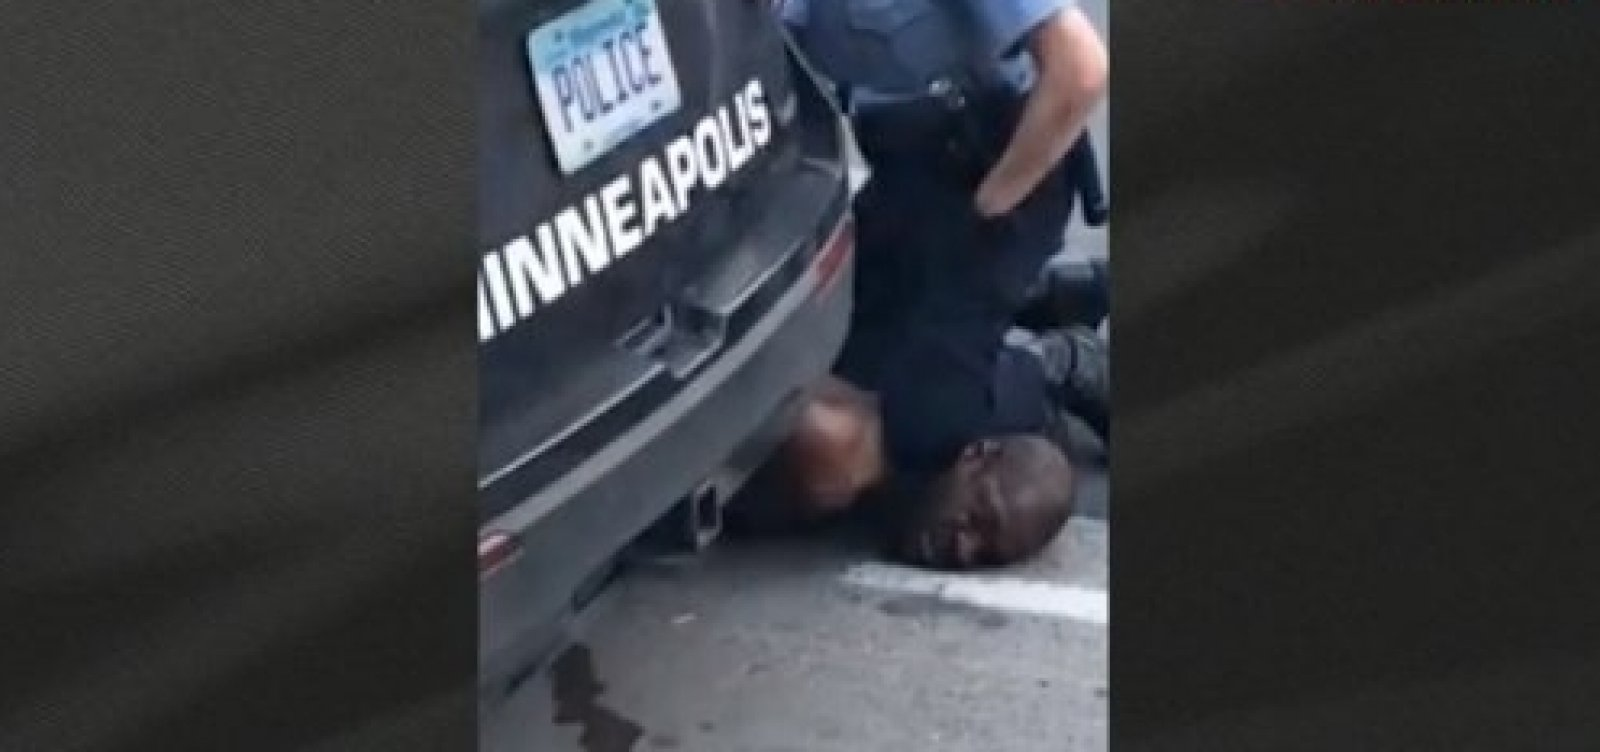 [Morte de homem negro sob custódia da polícia causa onda de revolta e protestos nos EUA]